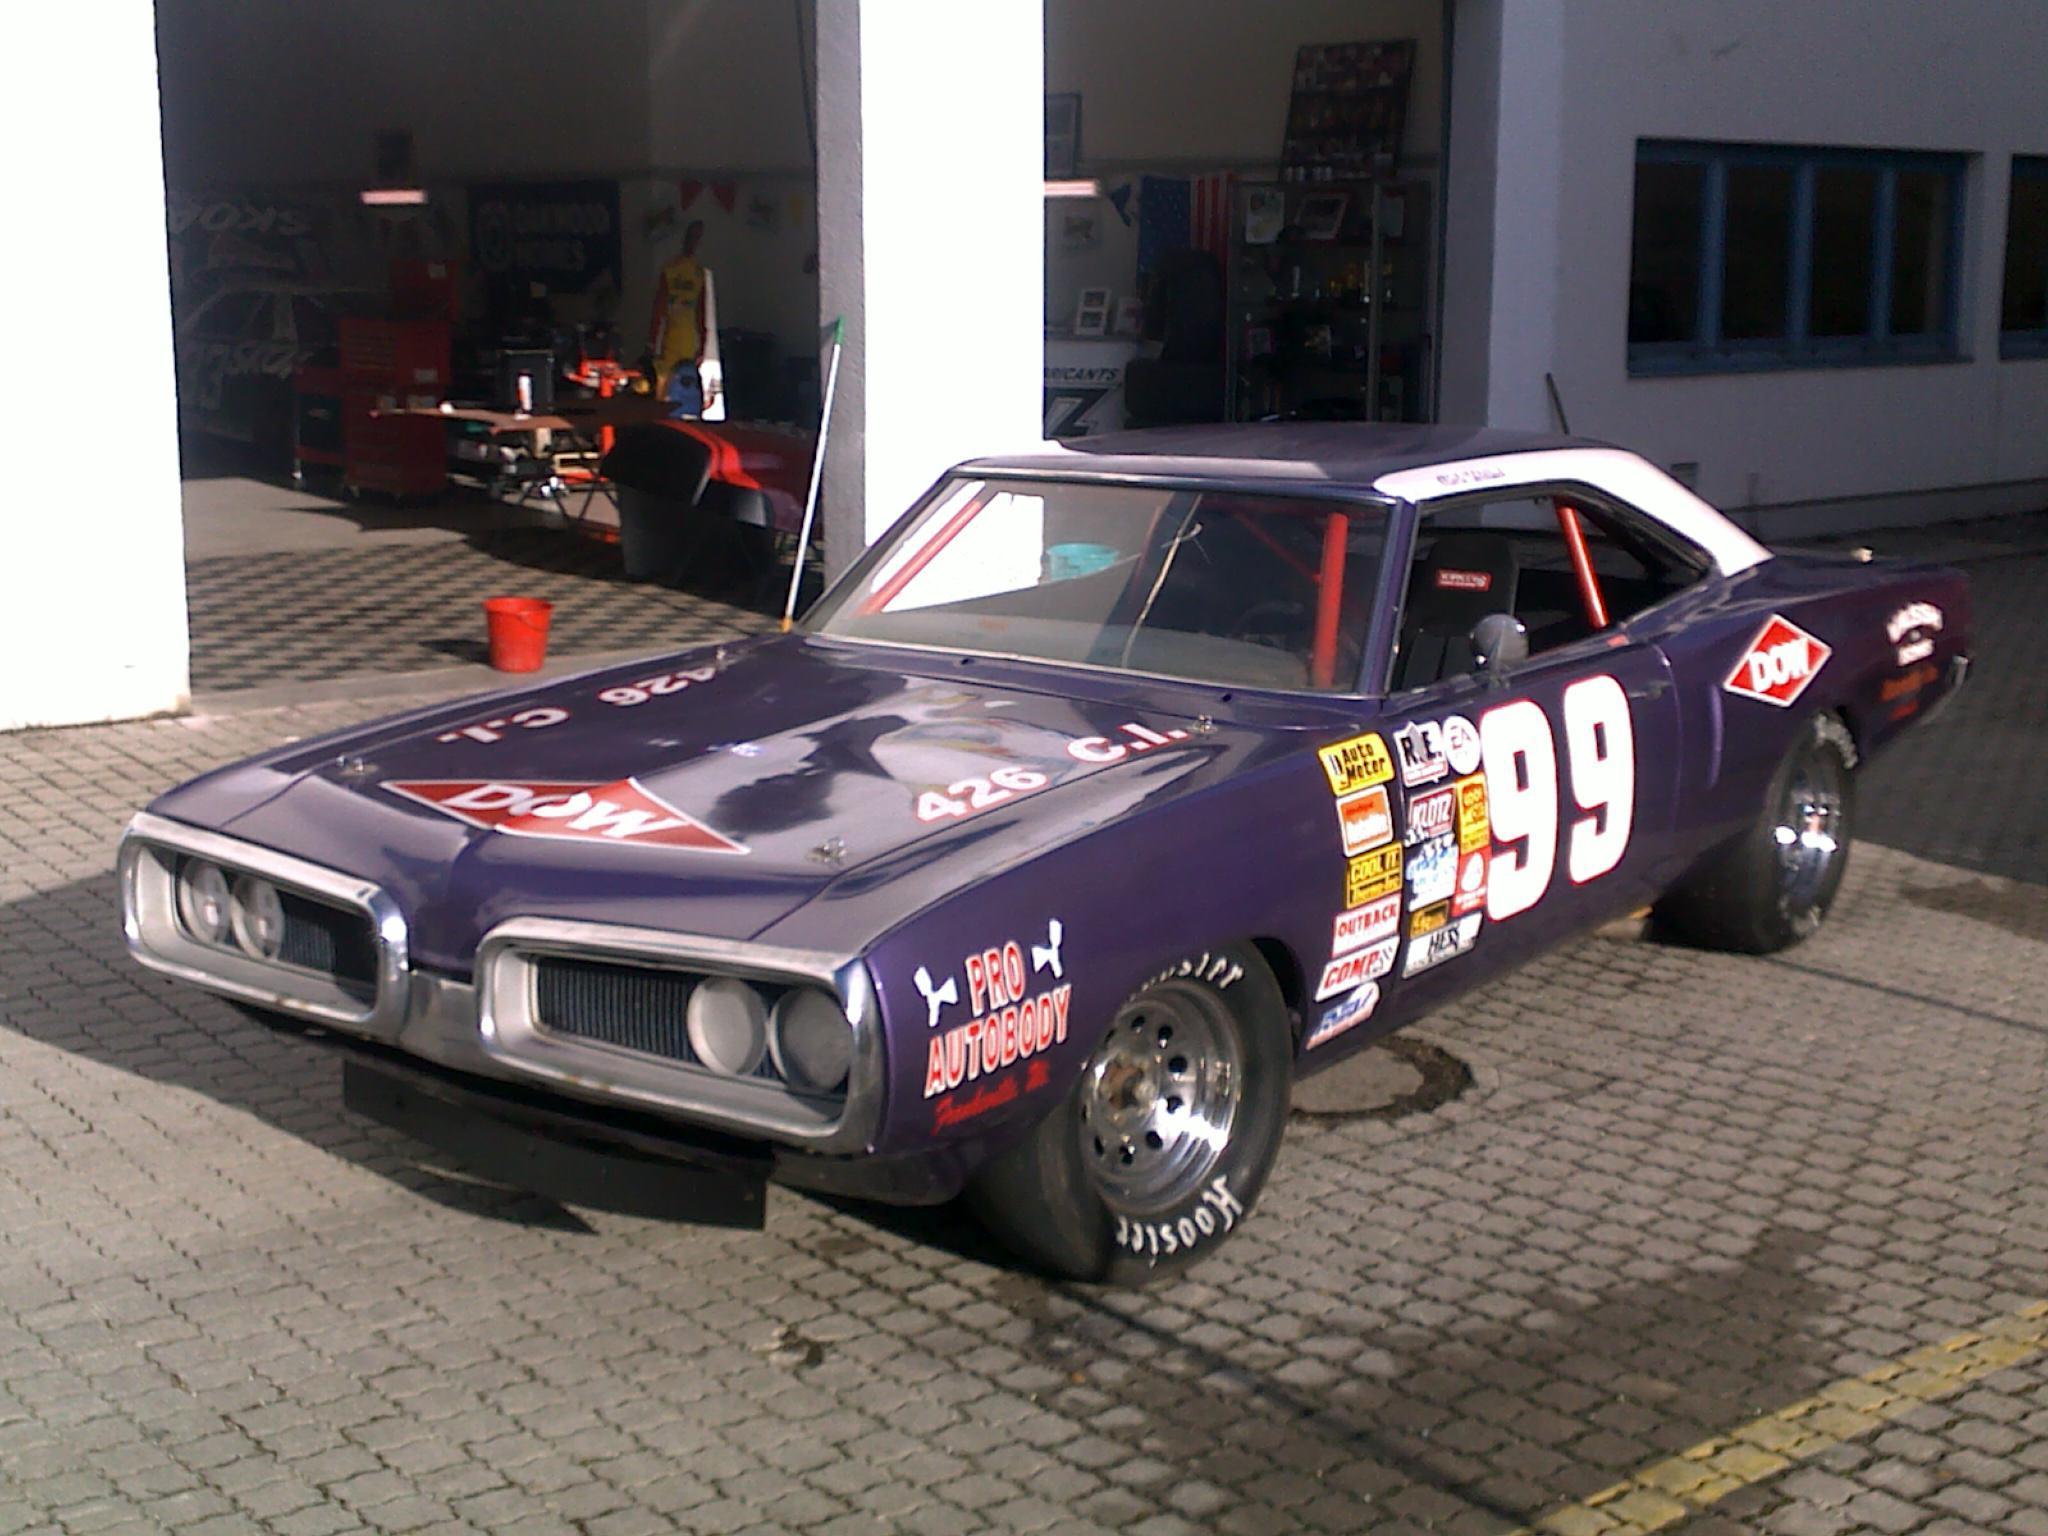 Originale Winston-Cup NASCARs aus den USA – bei uns auf den Oldtimertagen.